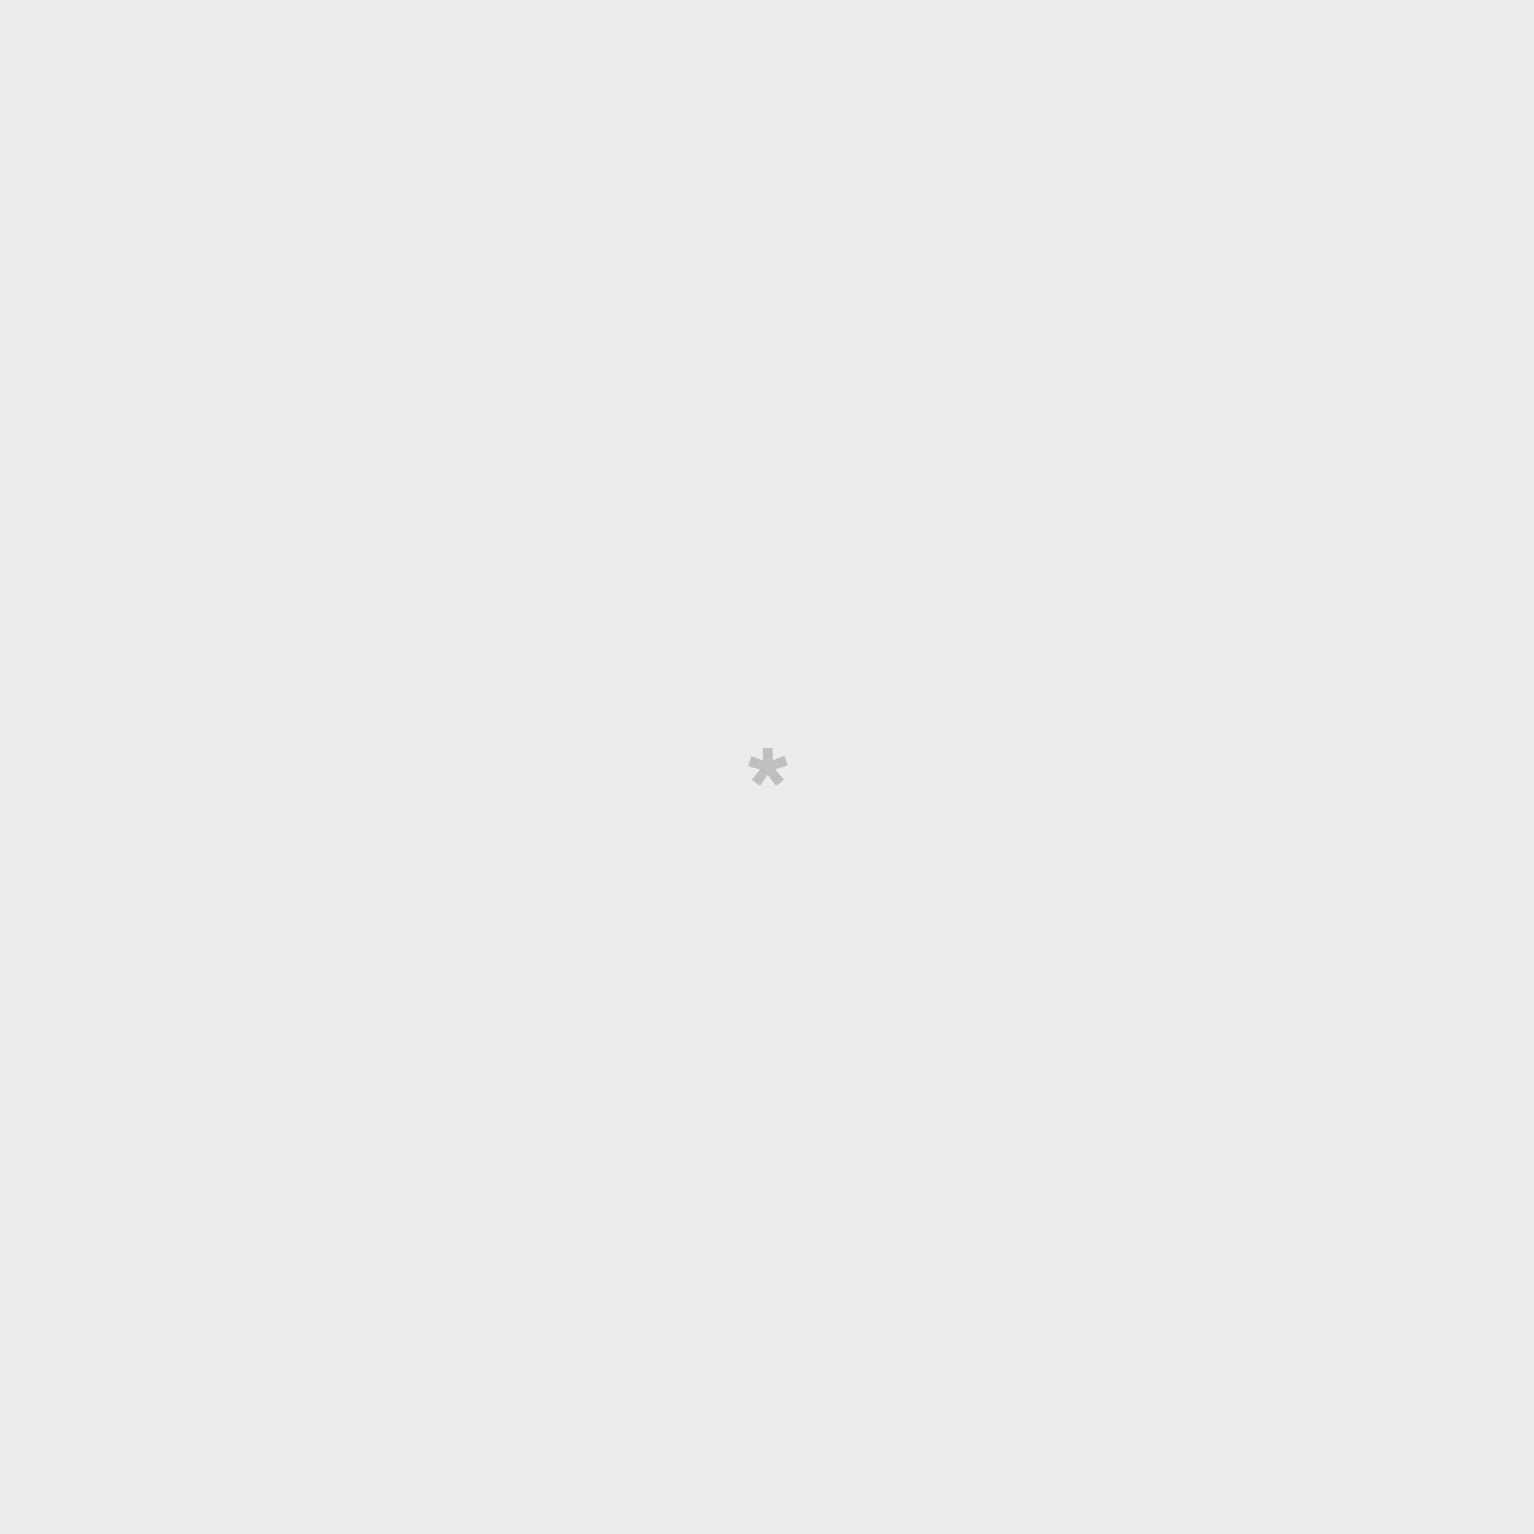 Kit scrapbooking para álbum de comunión - Azul